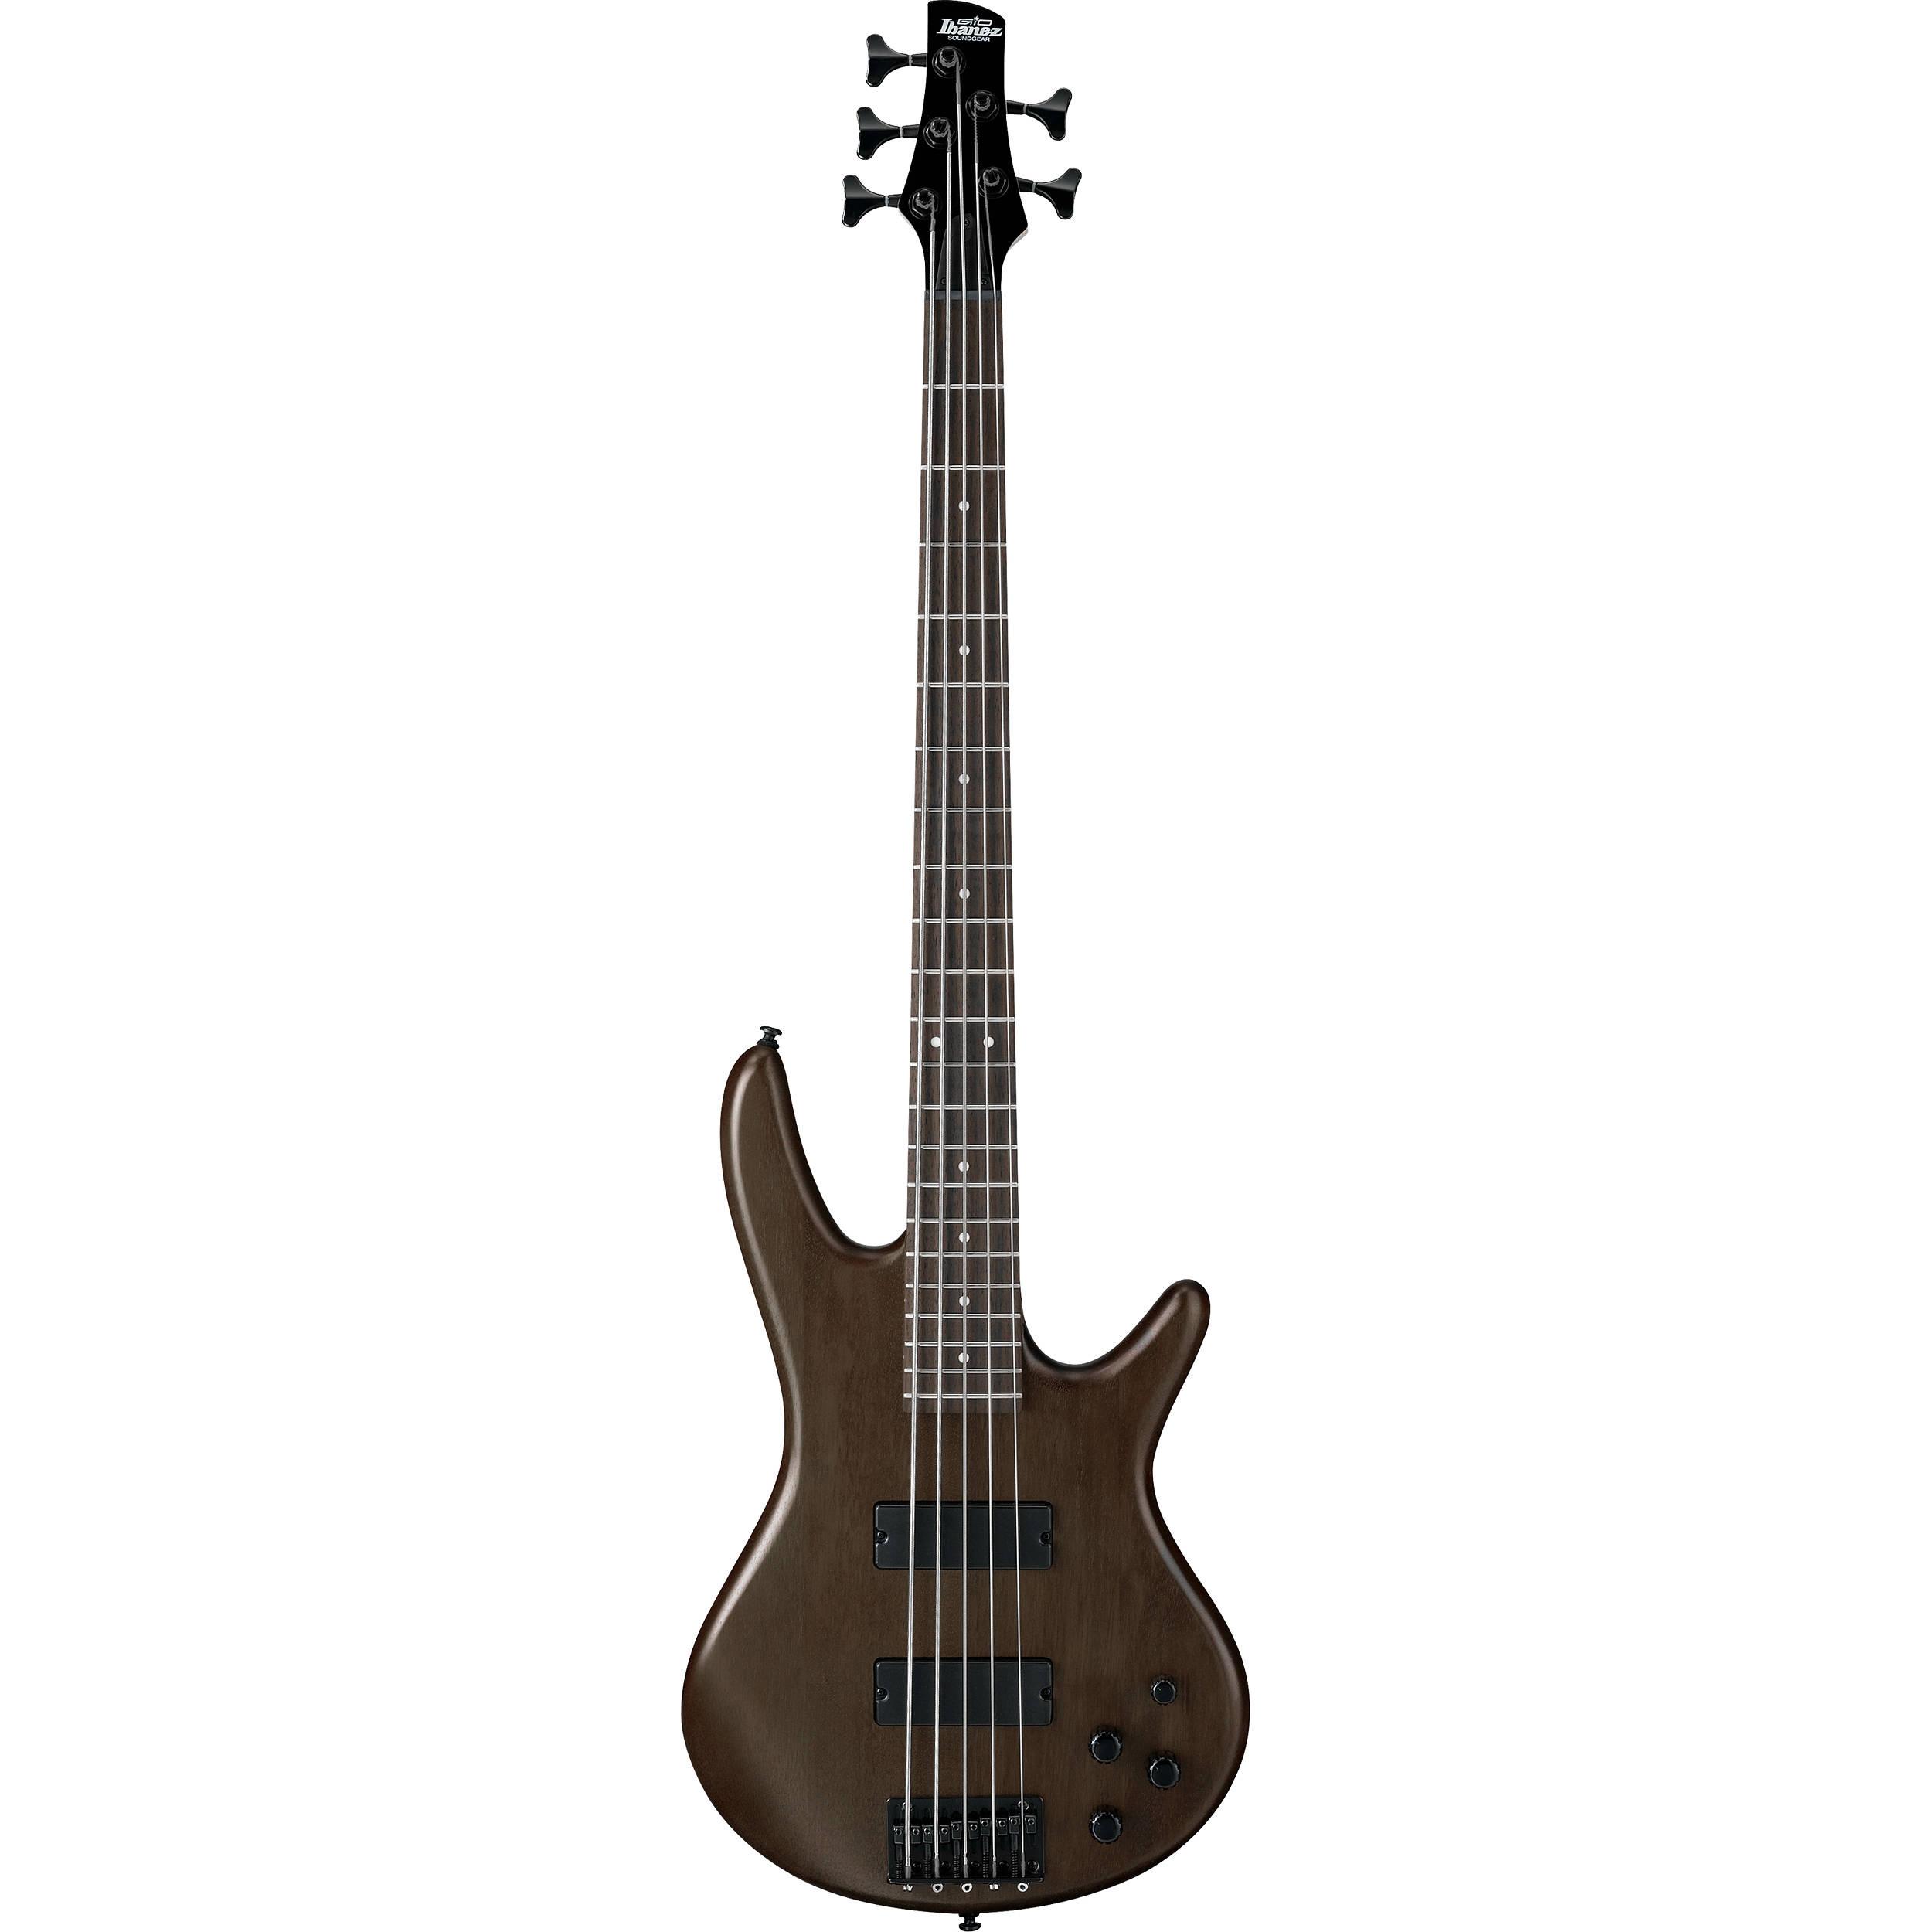 ibanez gsr205bwnf 5 string electric bass guitar gsr205bwnf. Black Bedroom Furniture Sets. Home Design Ideas